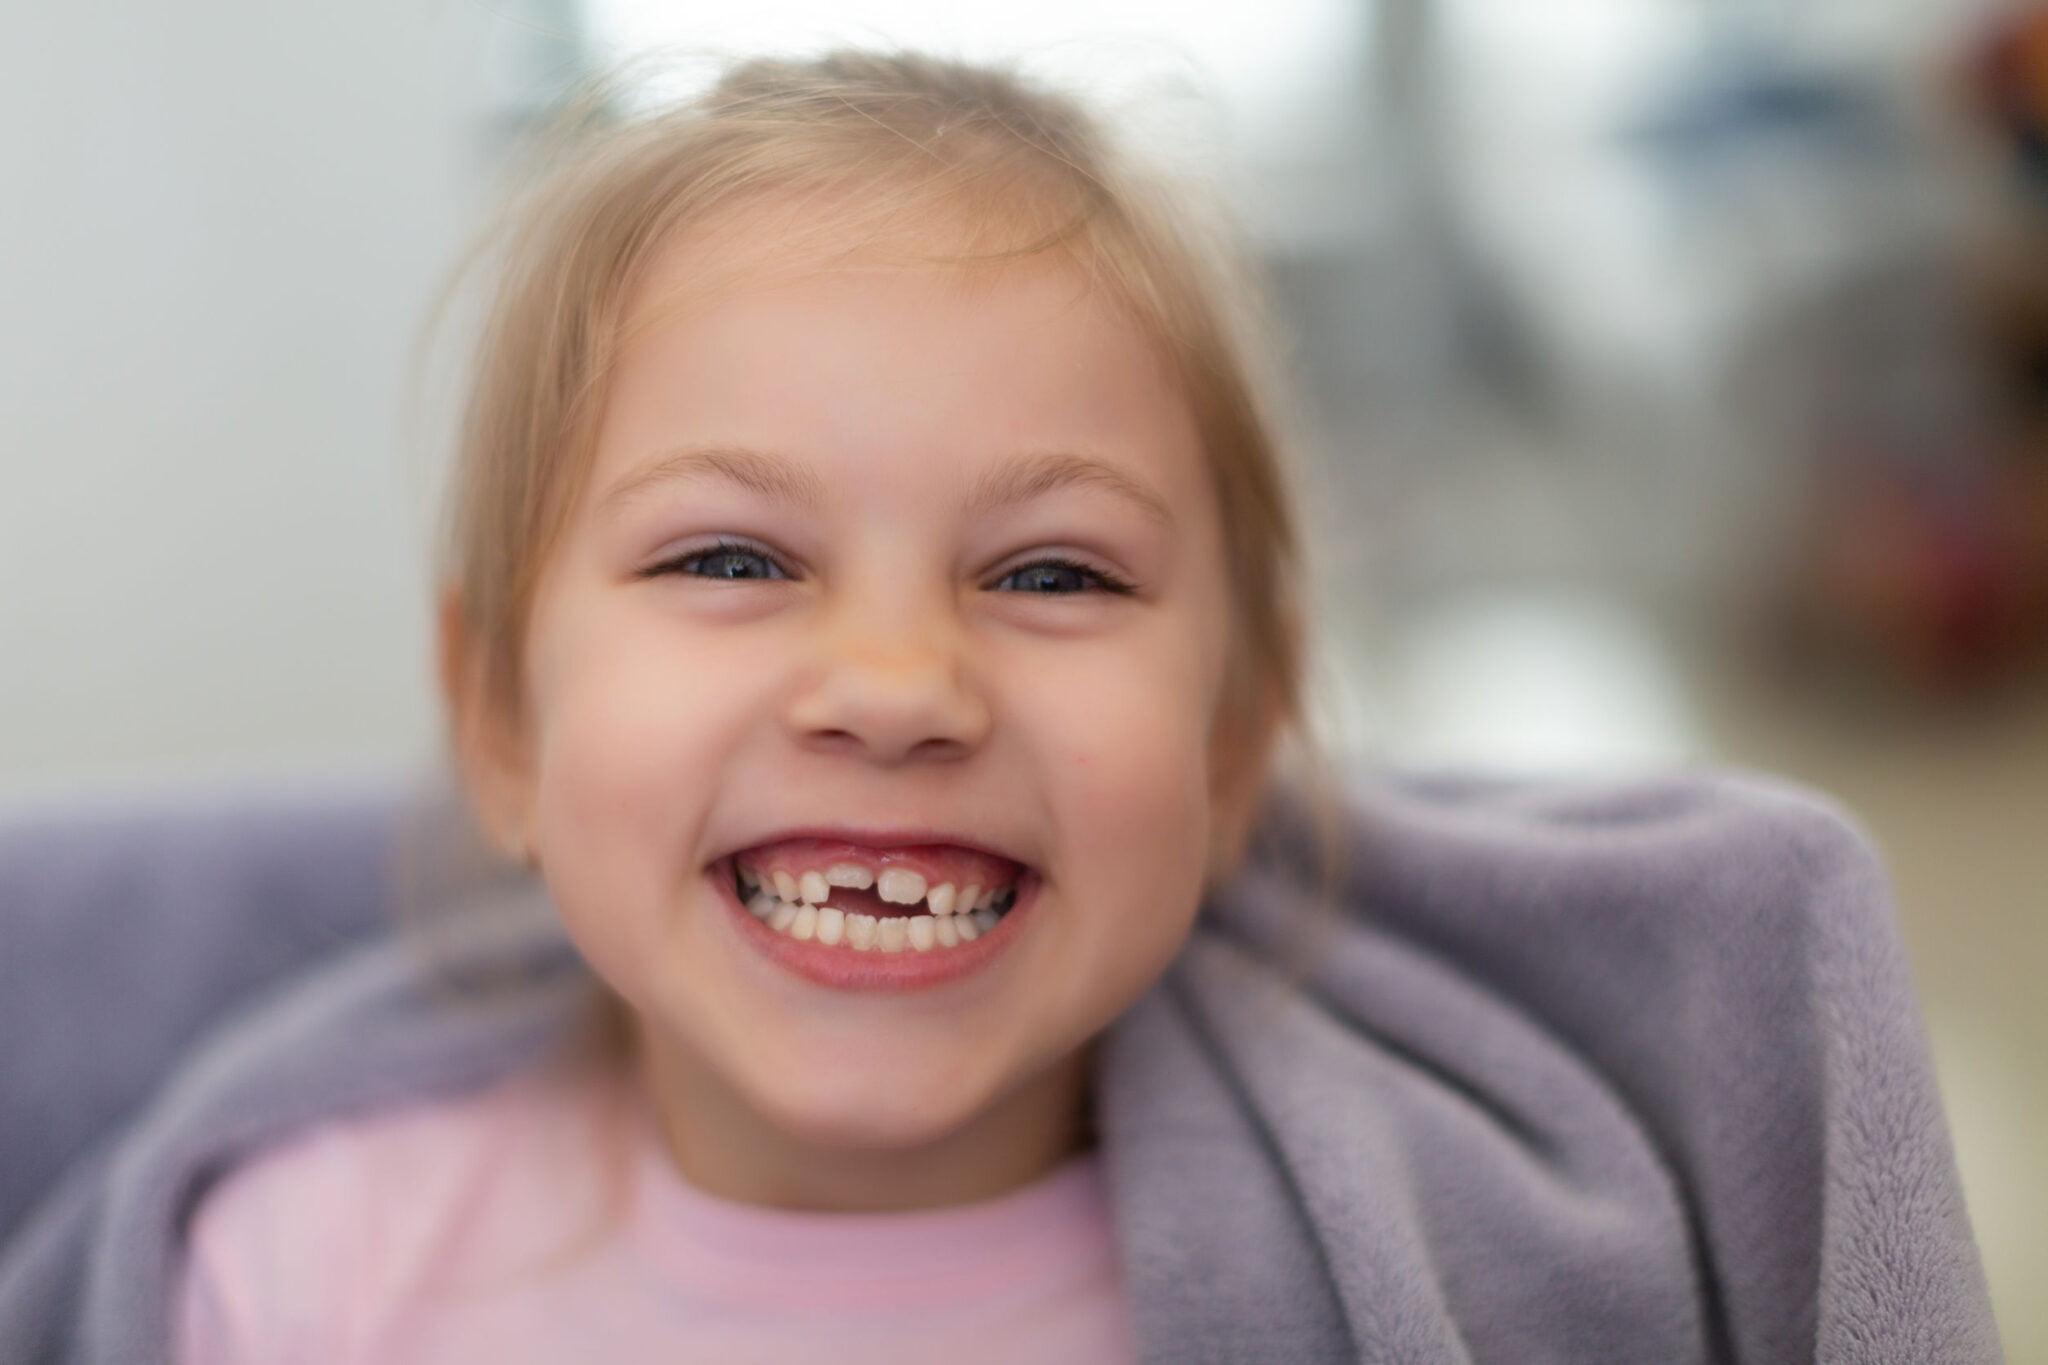 Tanden wisselen; wanneer melktanden, hoektanden en kiezen, pijn of bezoek van tandenfee? - Mamaliefde.nl